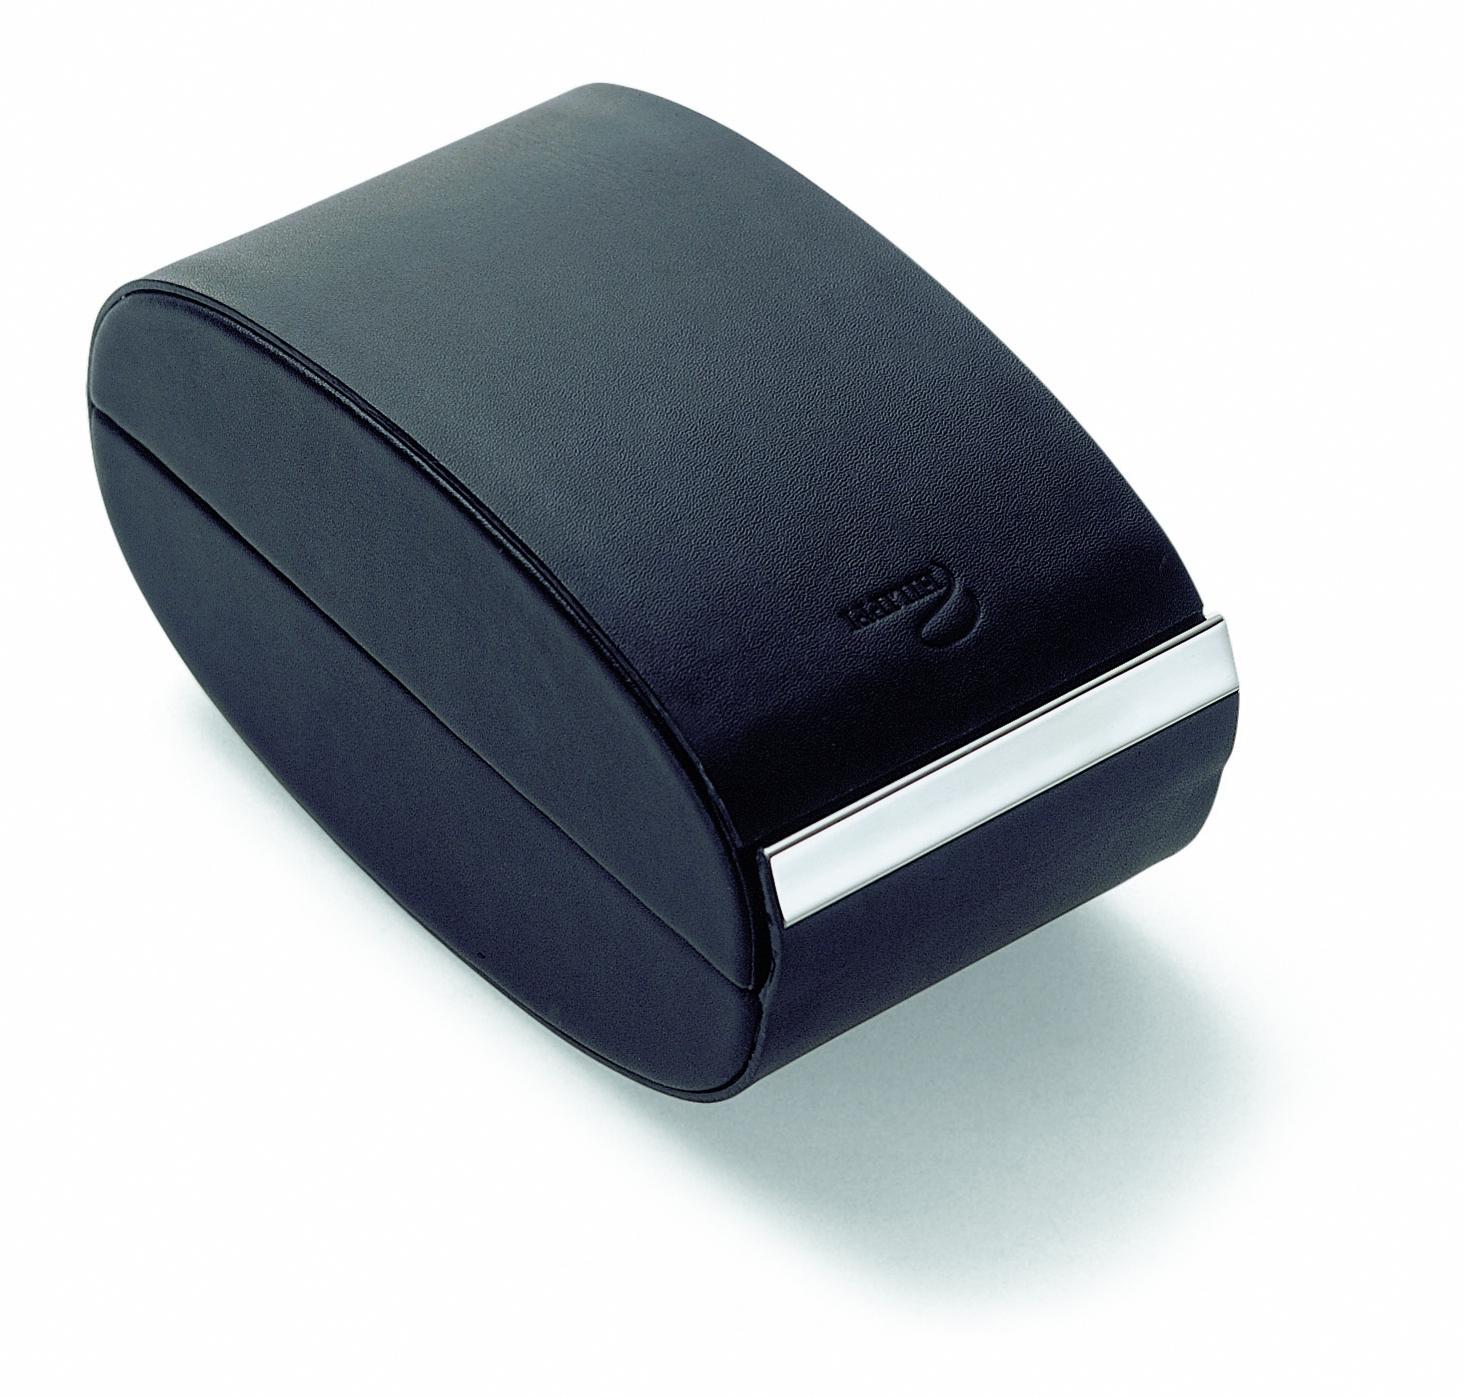 reiseschmuckbox woodsteel sch ne dinge f r haus und garten. Black Bedroom Furniture Sets. Home Design Ideas